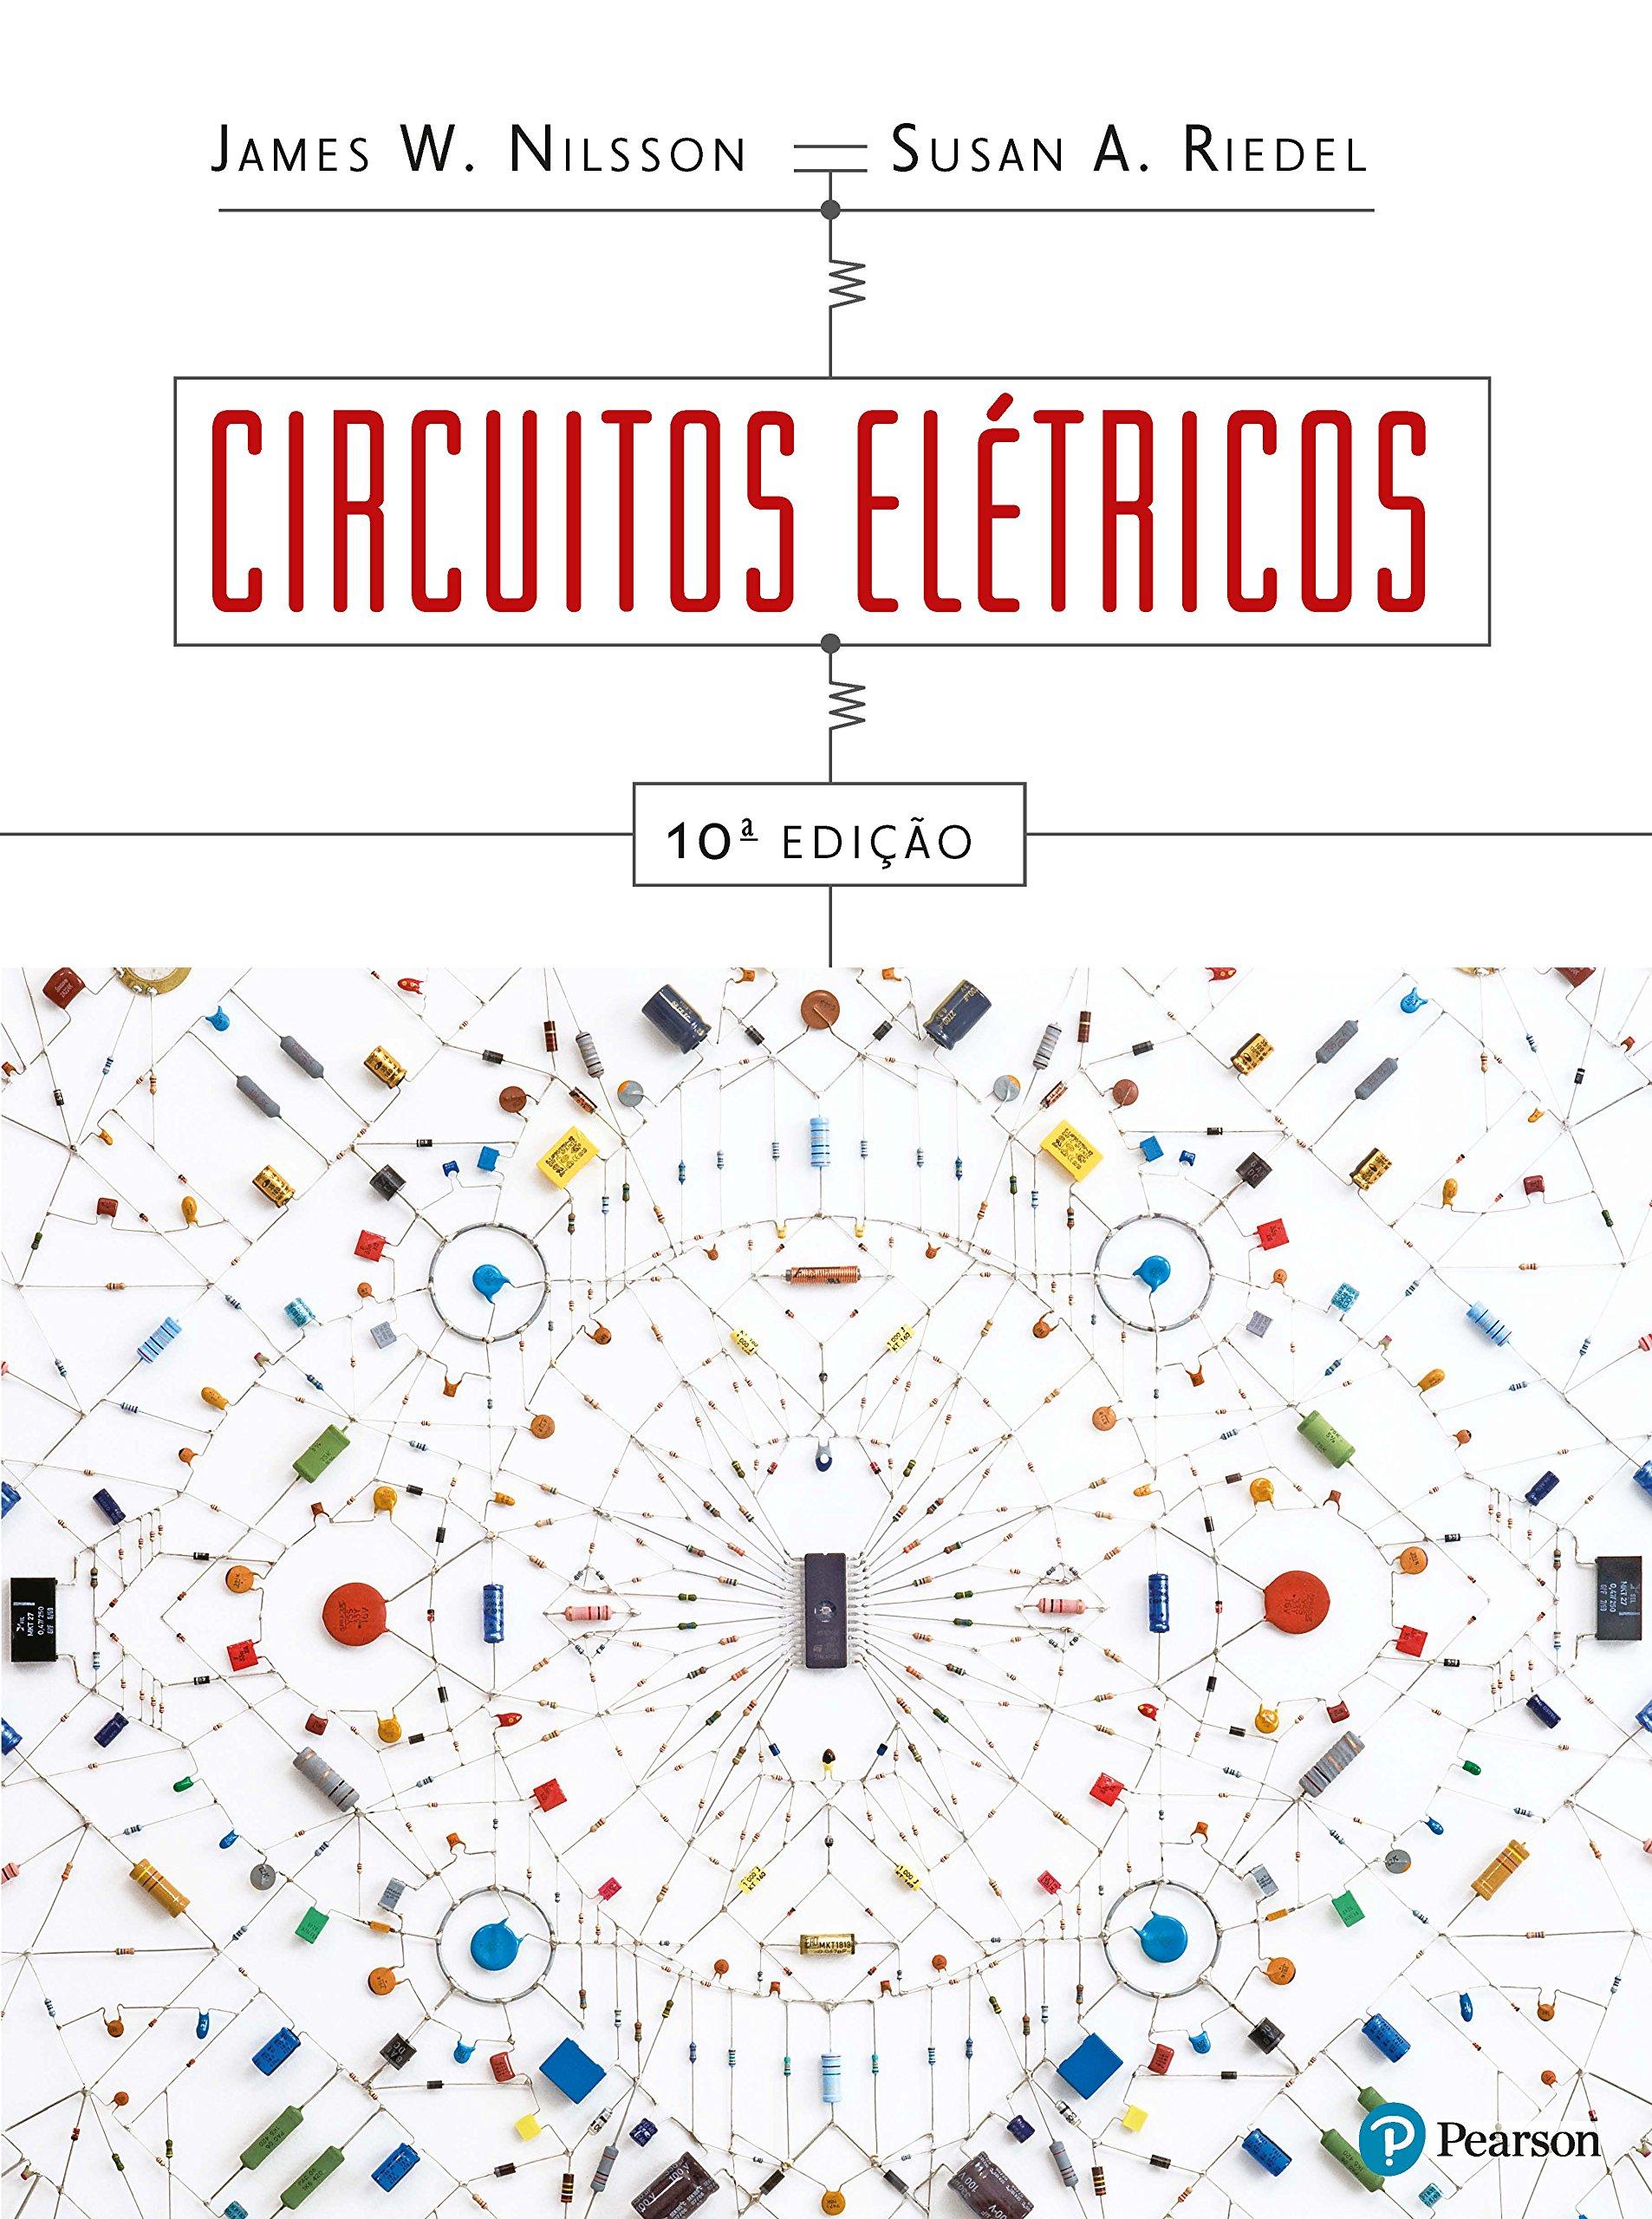 Circuito Eletricos : Circuitos eletricos james w nilsson  amazon